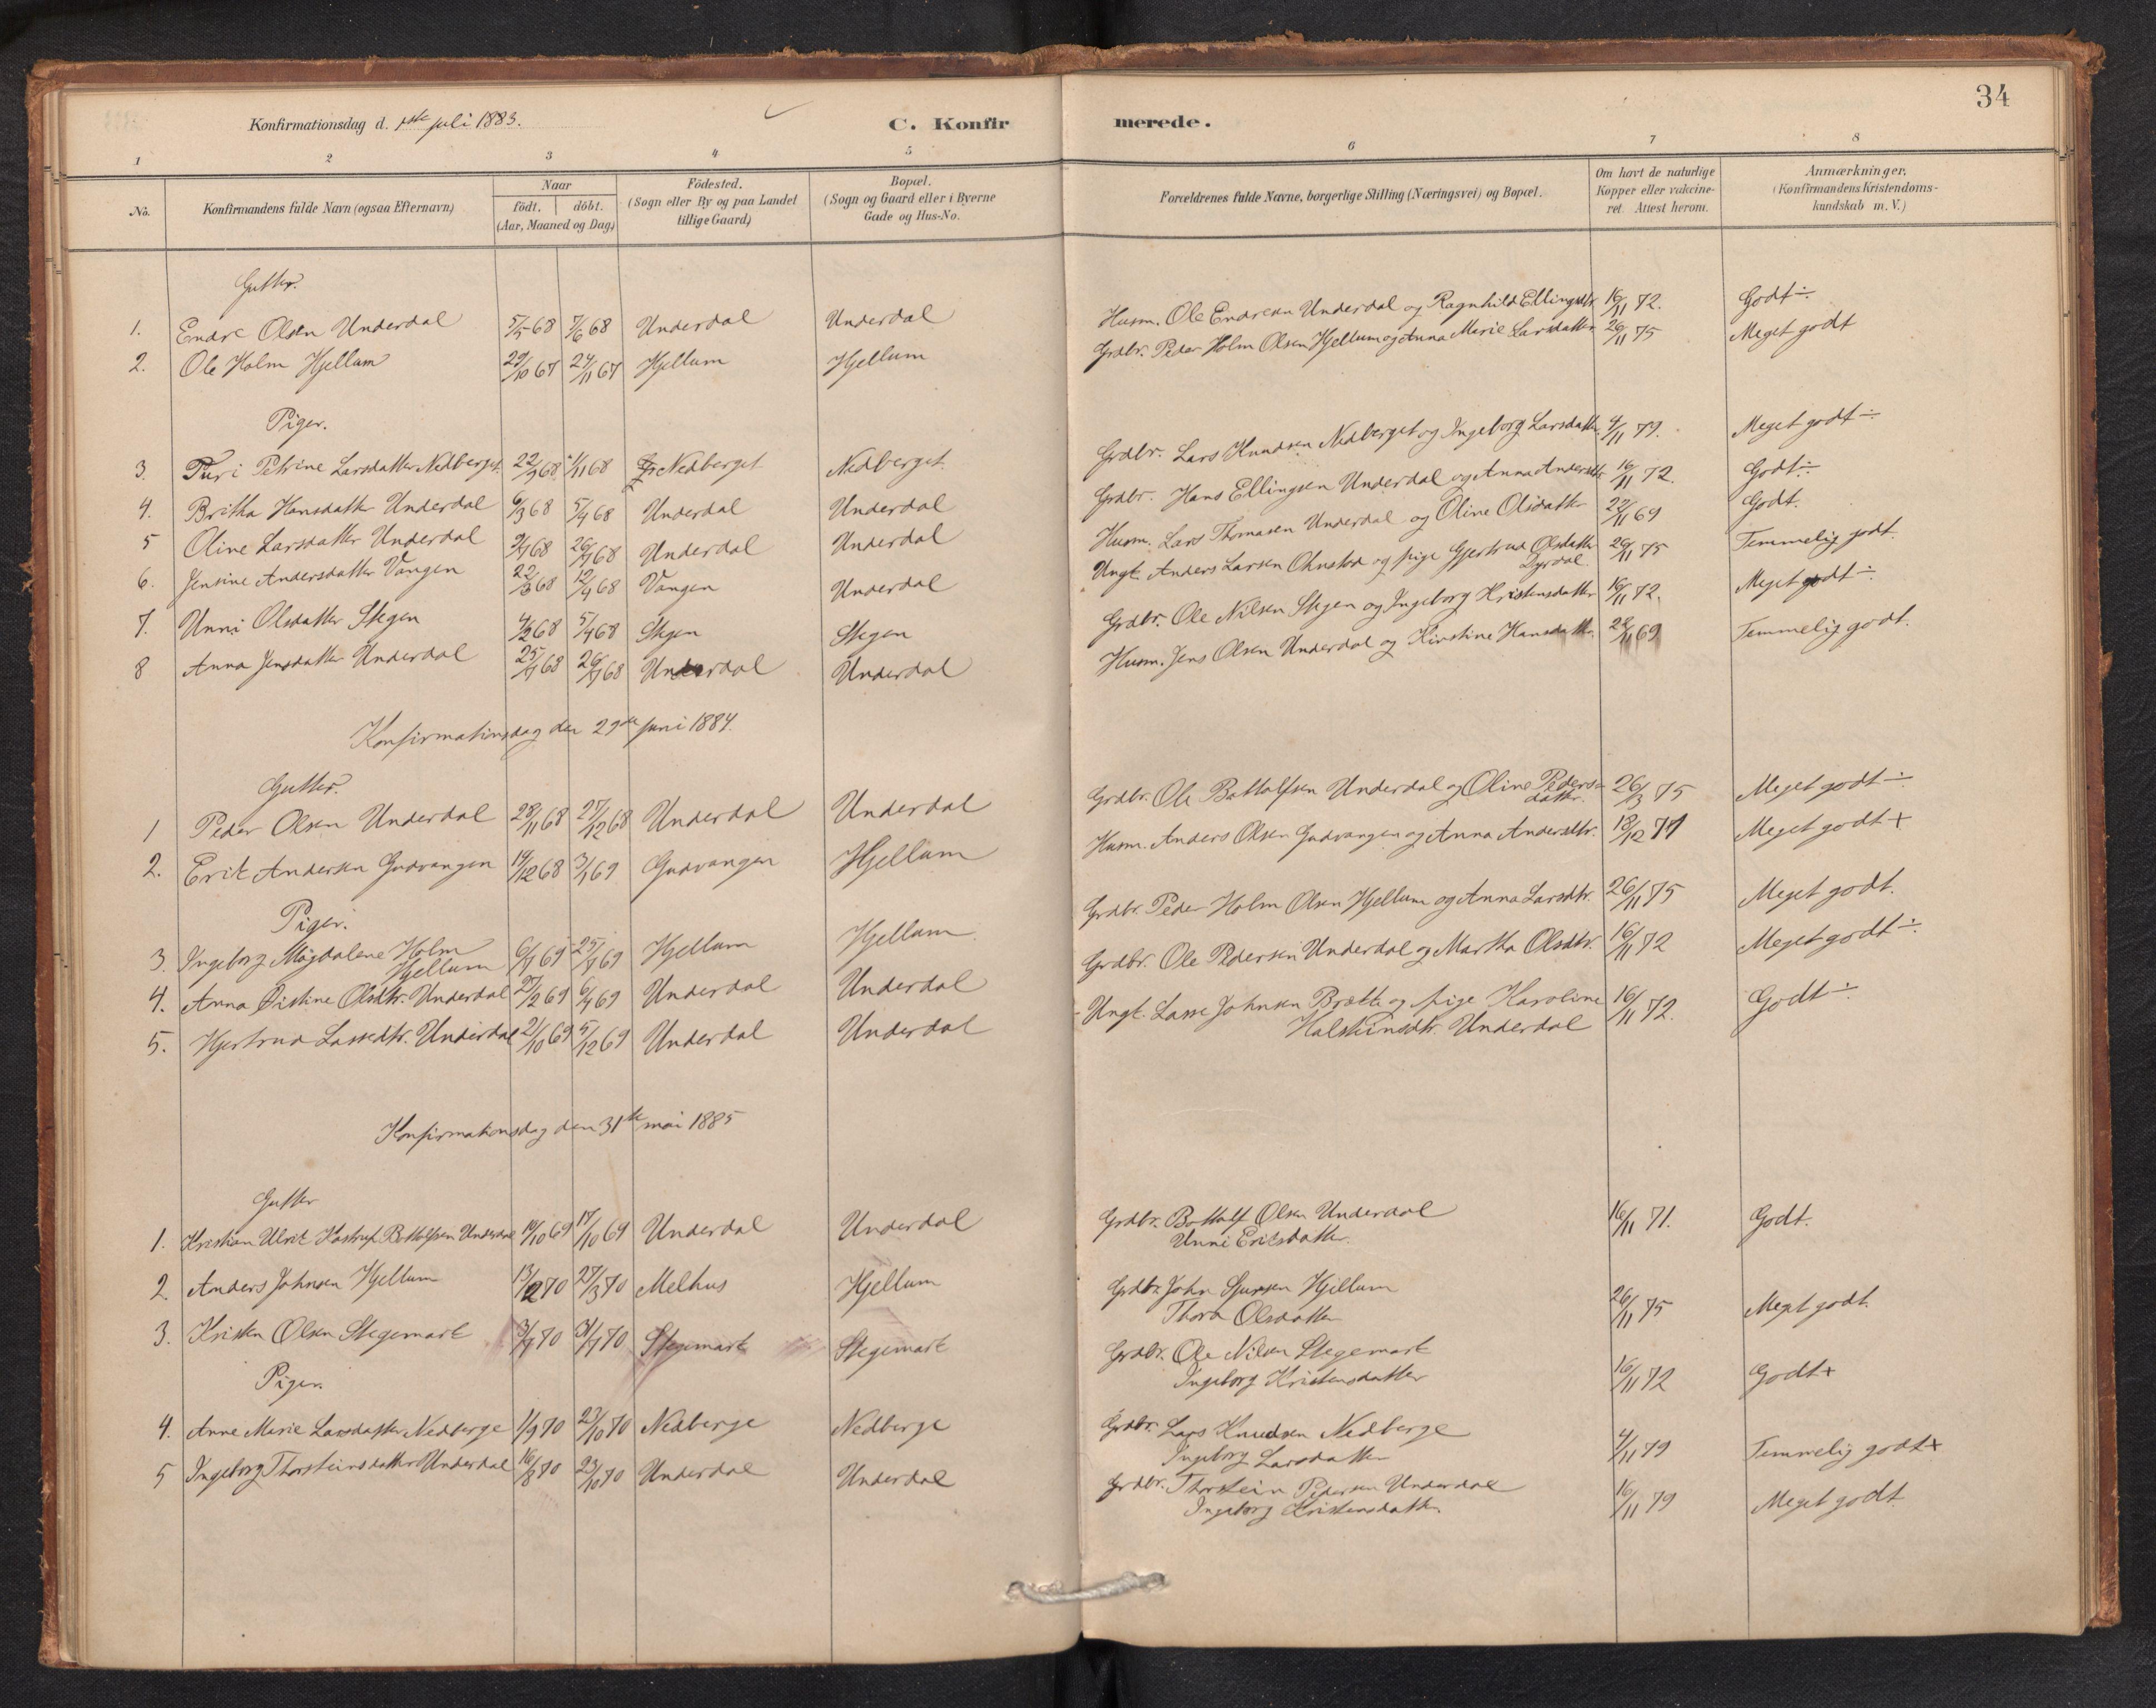 SAB, Aurland Sokneprestembete*, Ministerialbok nr. E 1, 1880-1907, s. 33b-34a